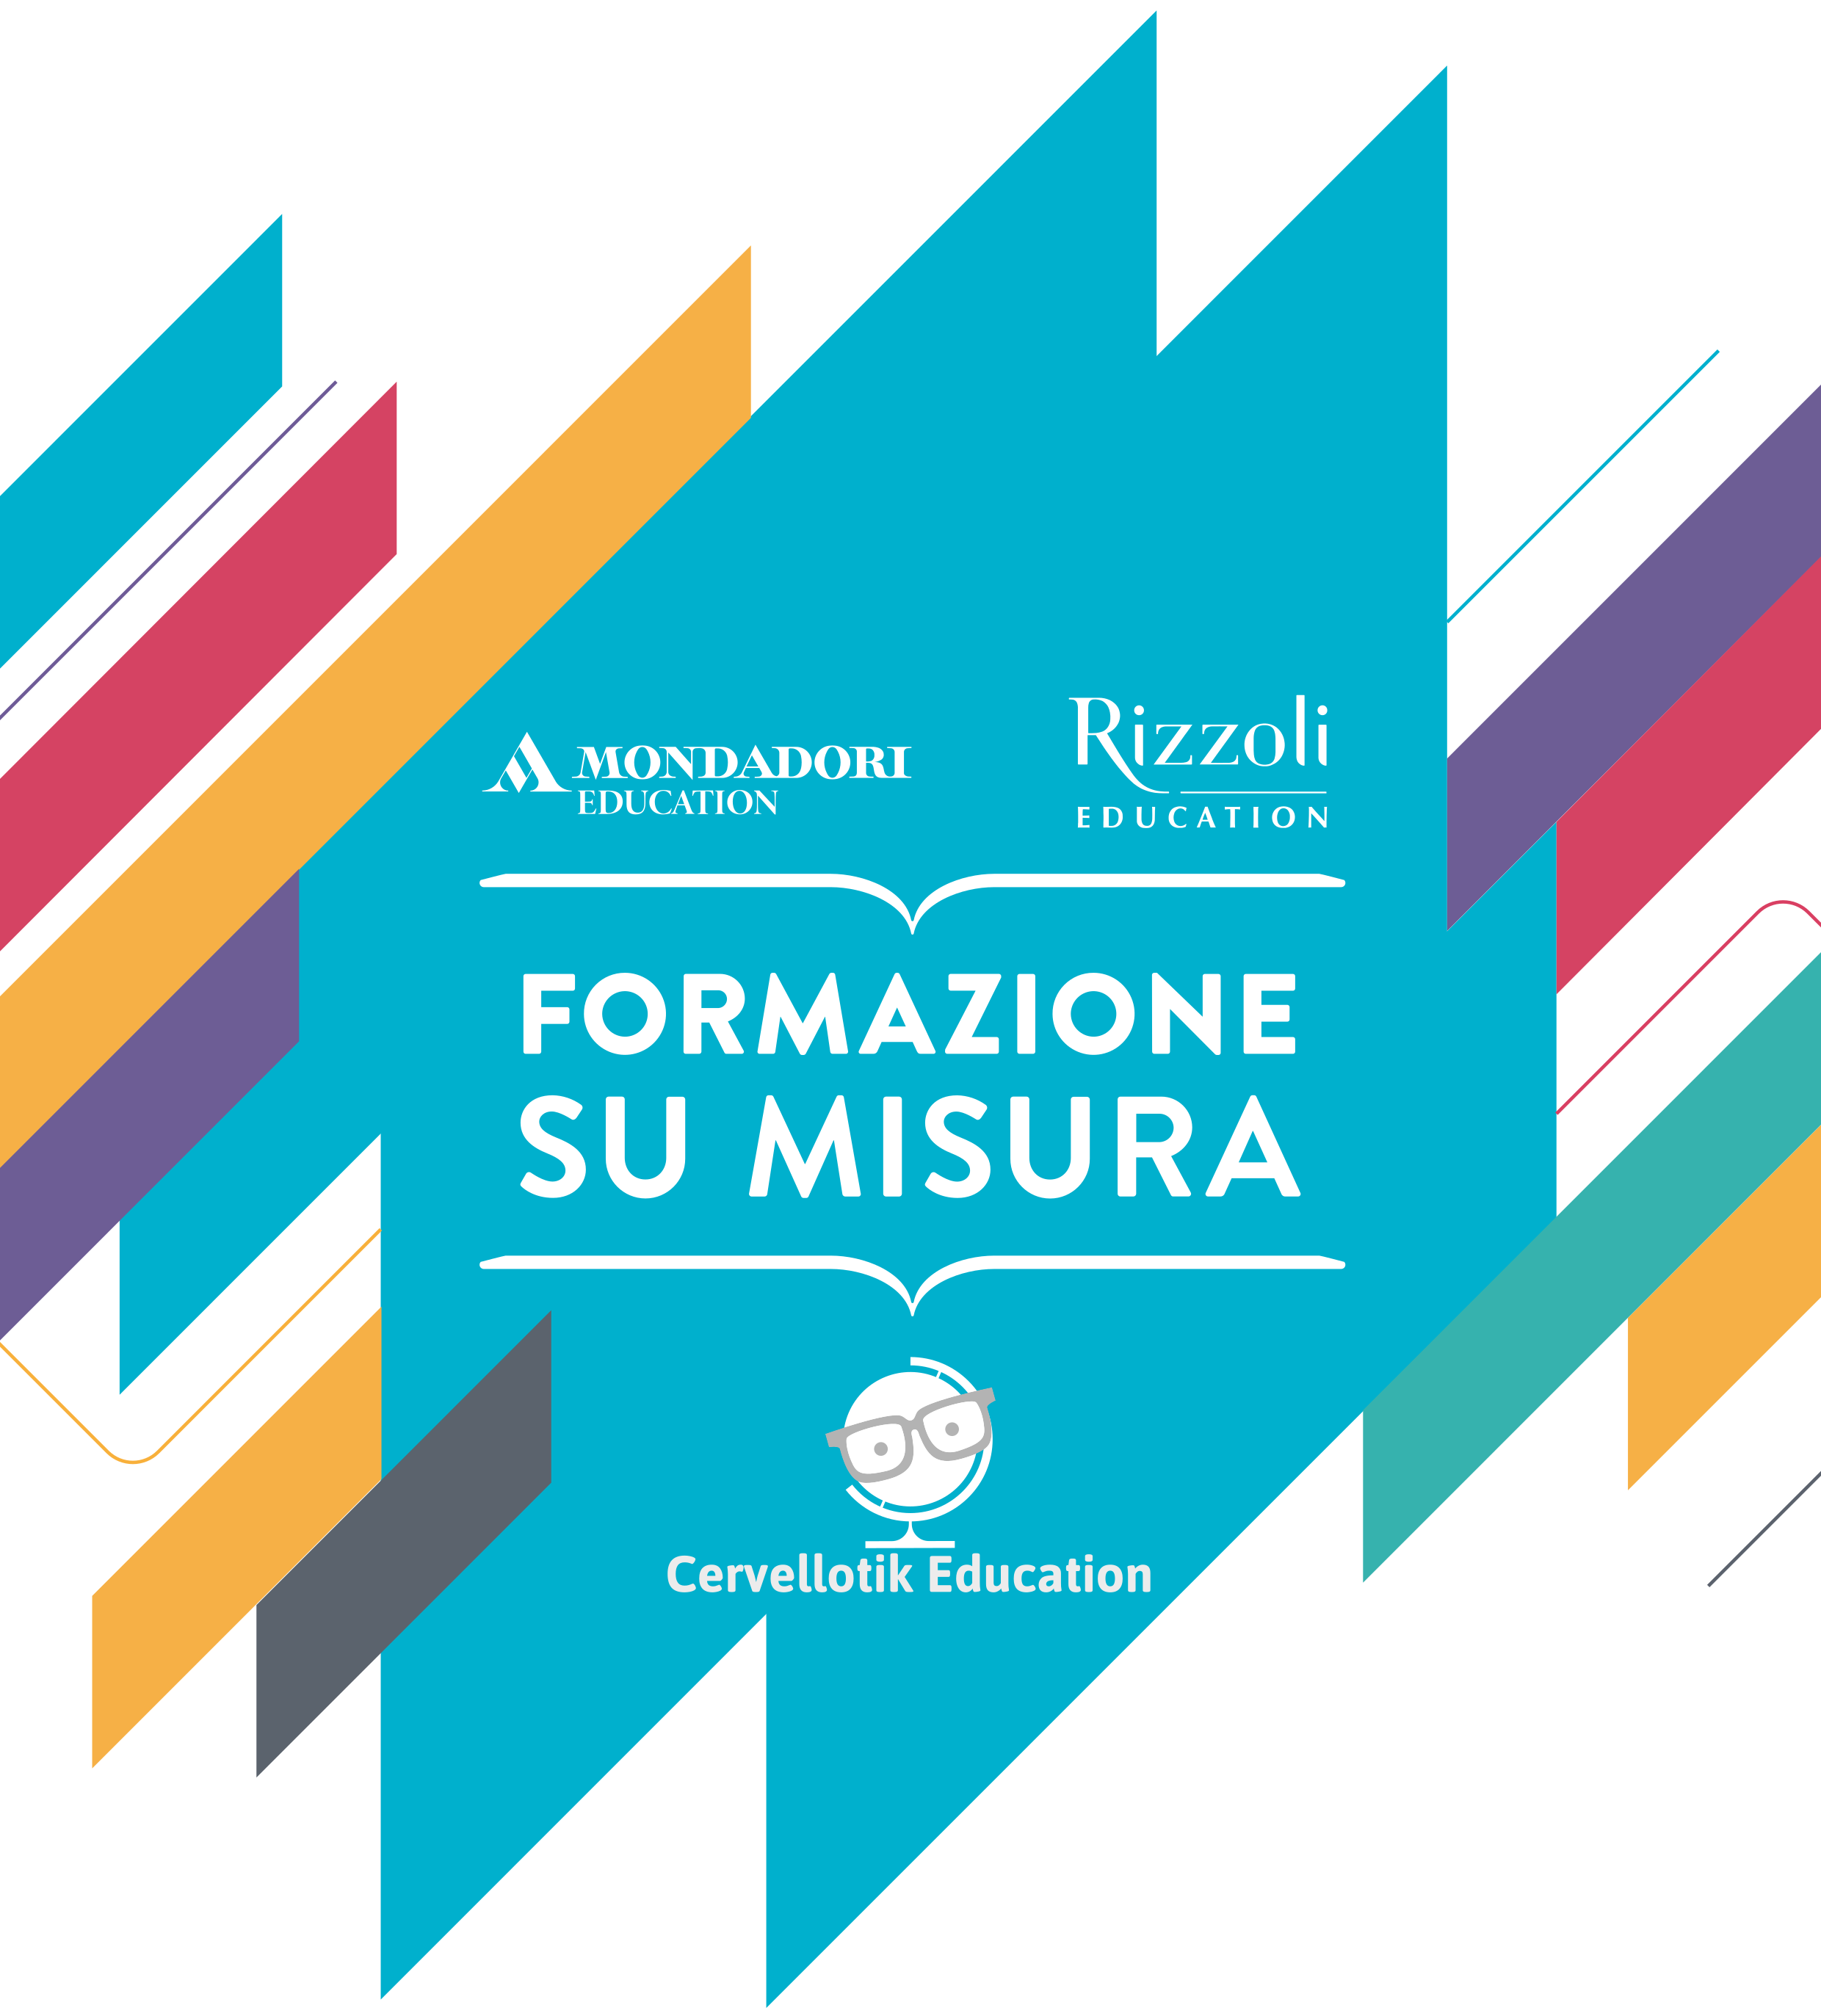 """Cervellotik Education:  partnership con  Mondadori Education e Rizzoli Education per il lancio di quattro nuovi corsi del catalogo """"Formazione su misura"""""""